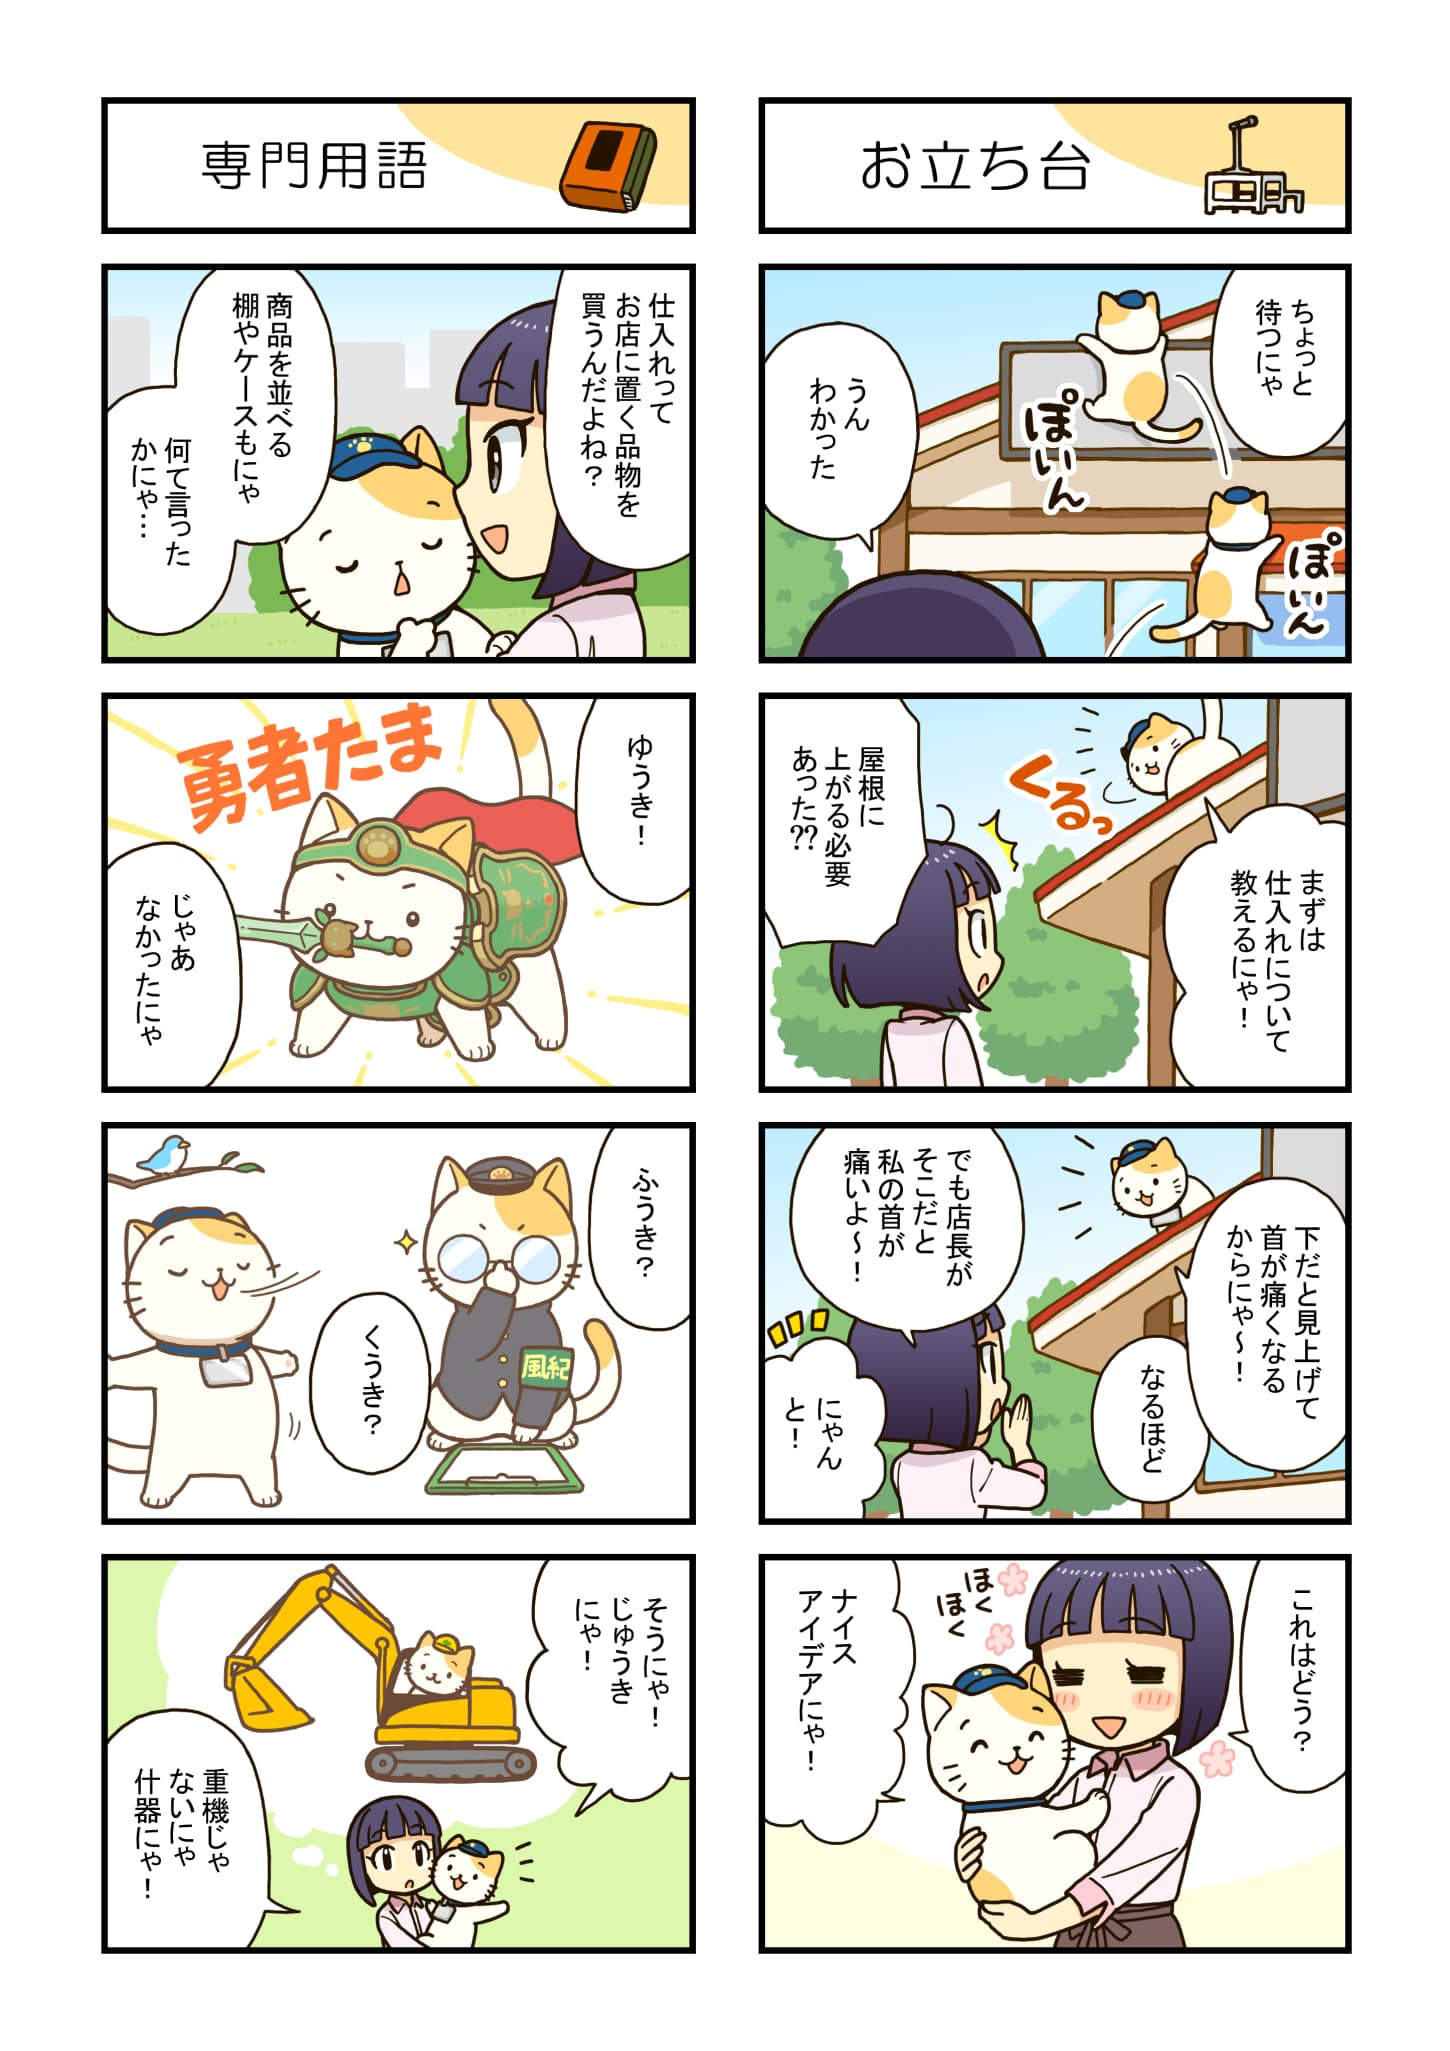 ゲームチュートリアル漫画『たま店長にお任せ』掲載サンプル2